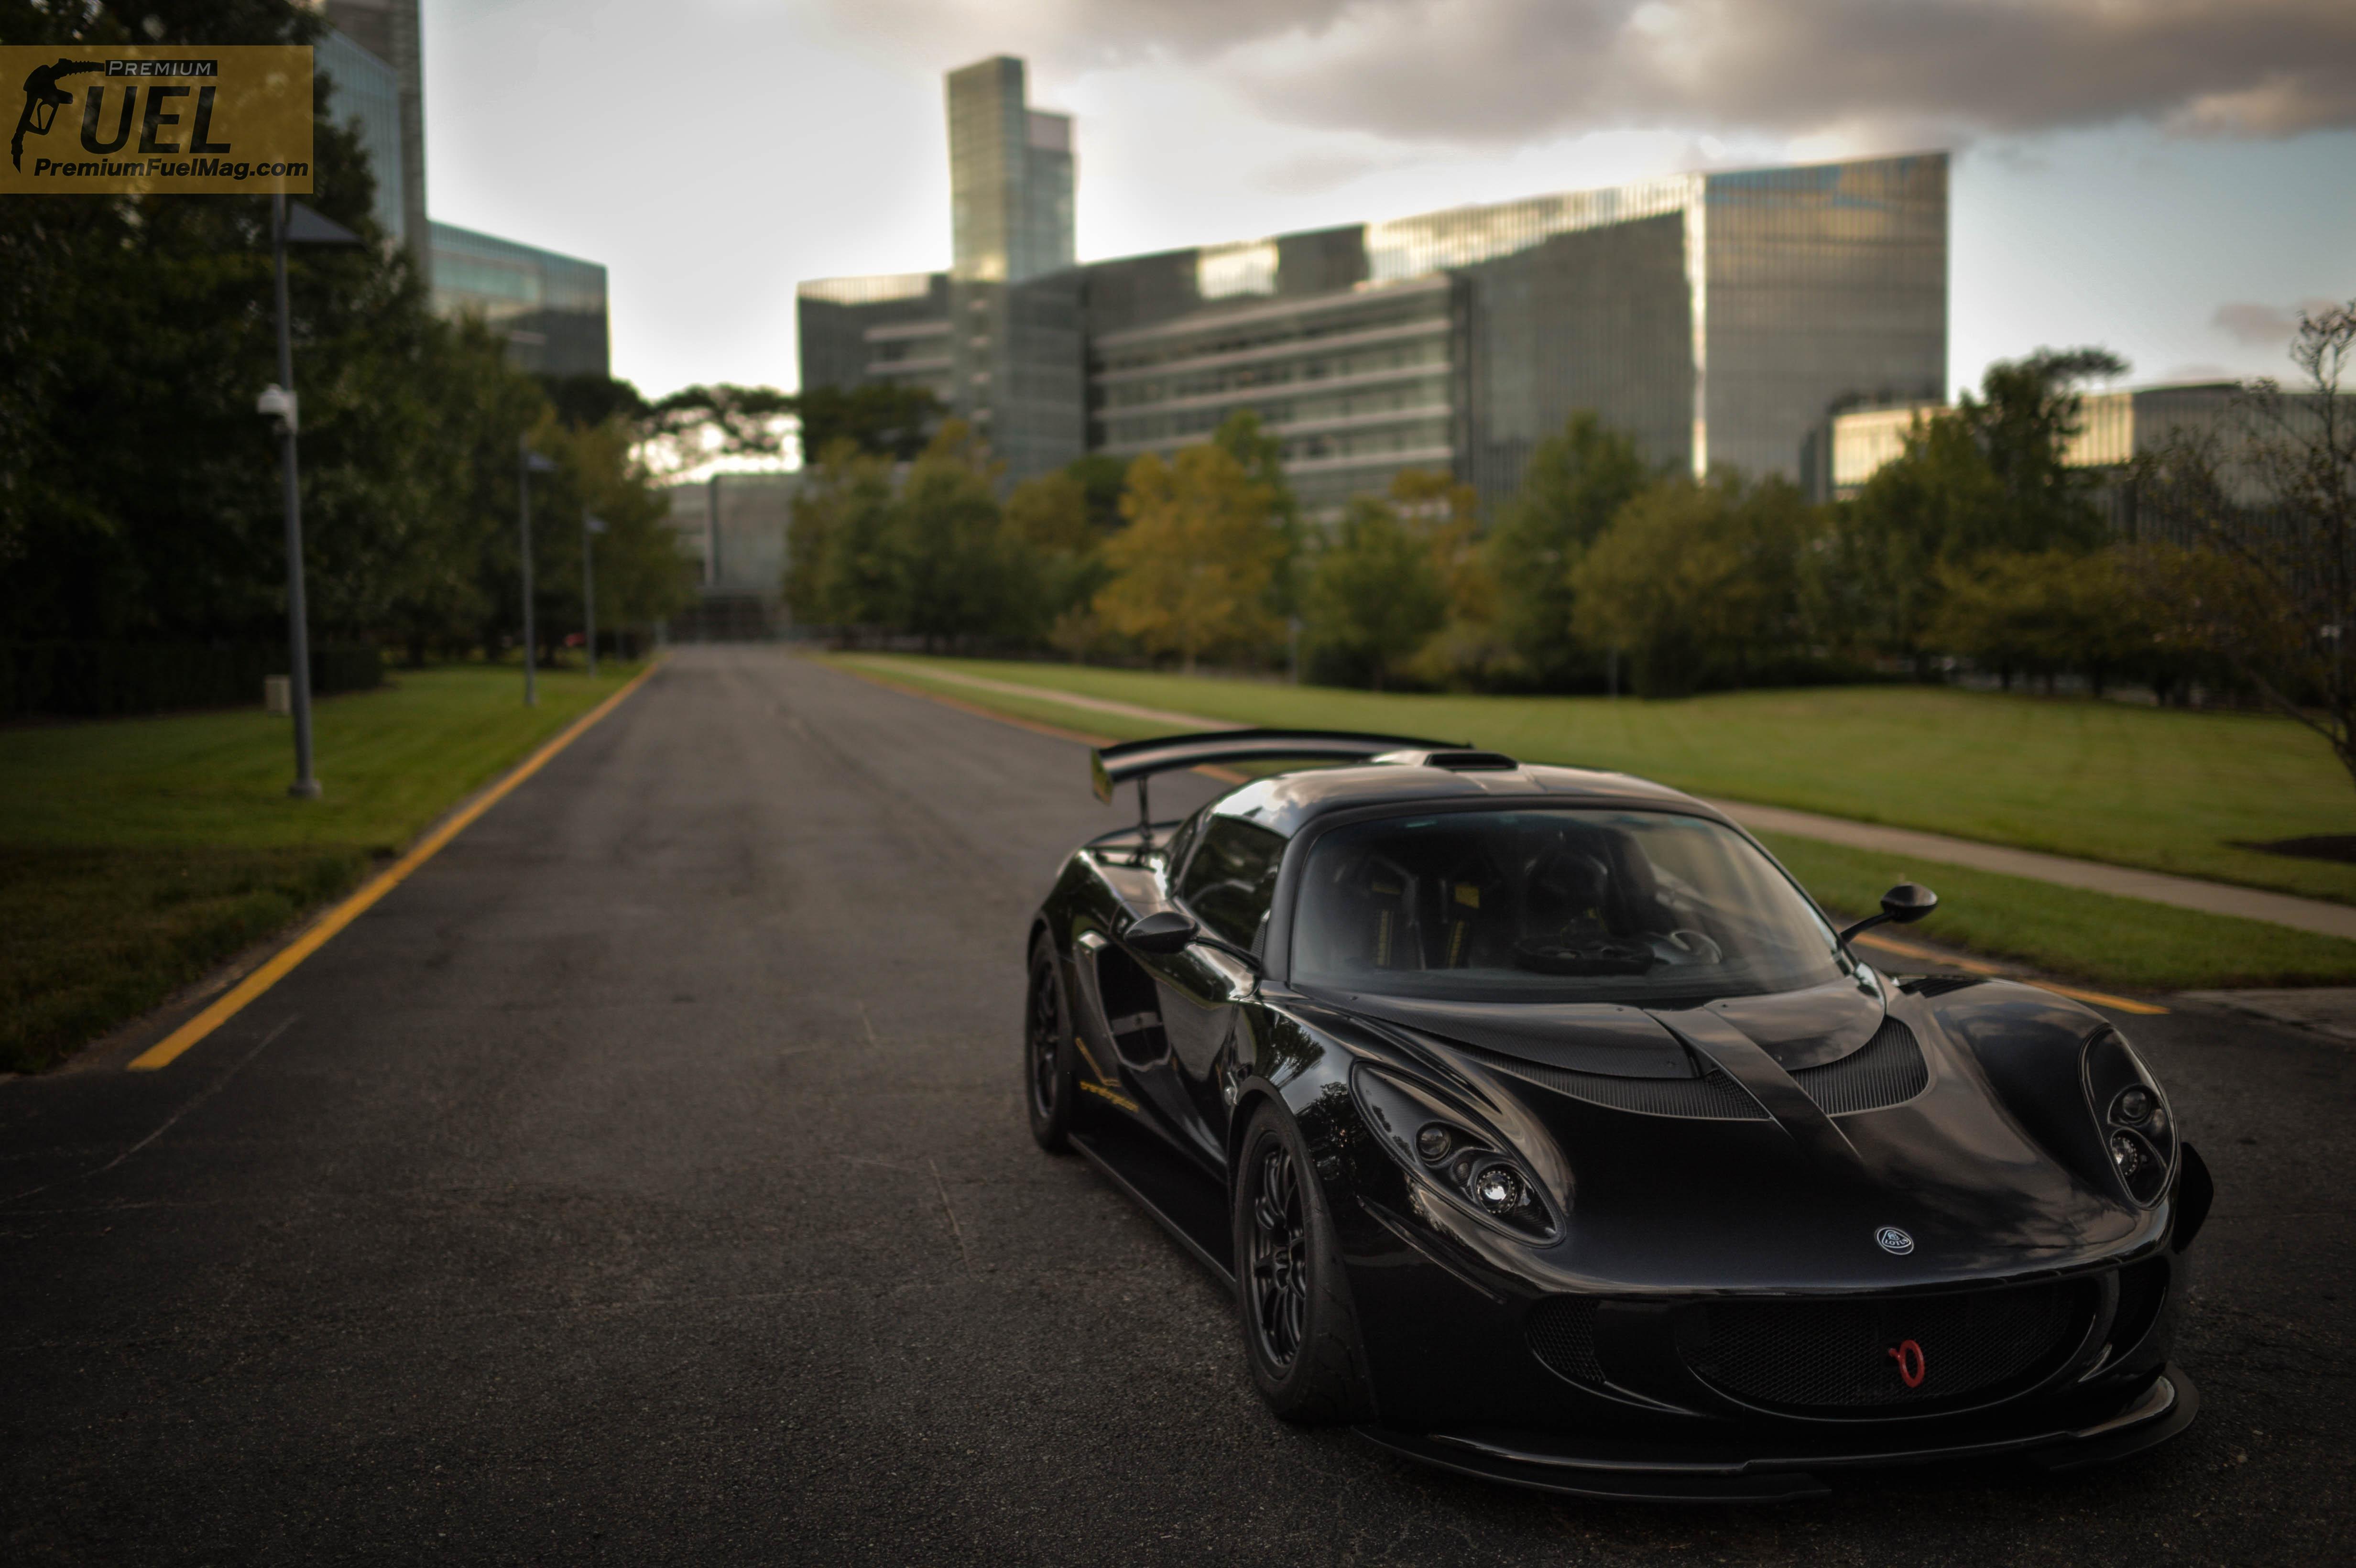 Transforged Racing: Lotus Exige – Premium Fuel Magazine